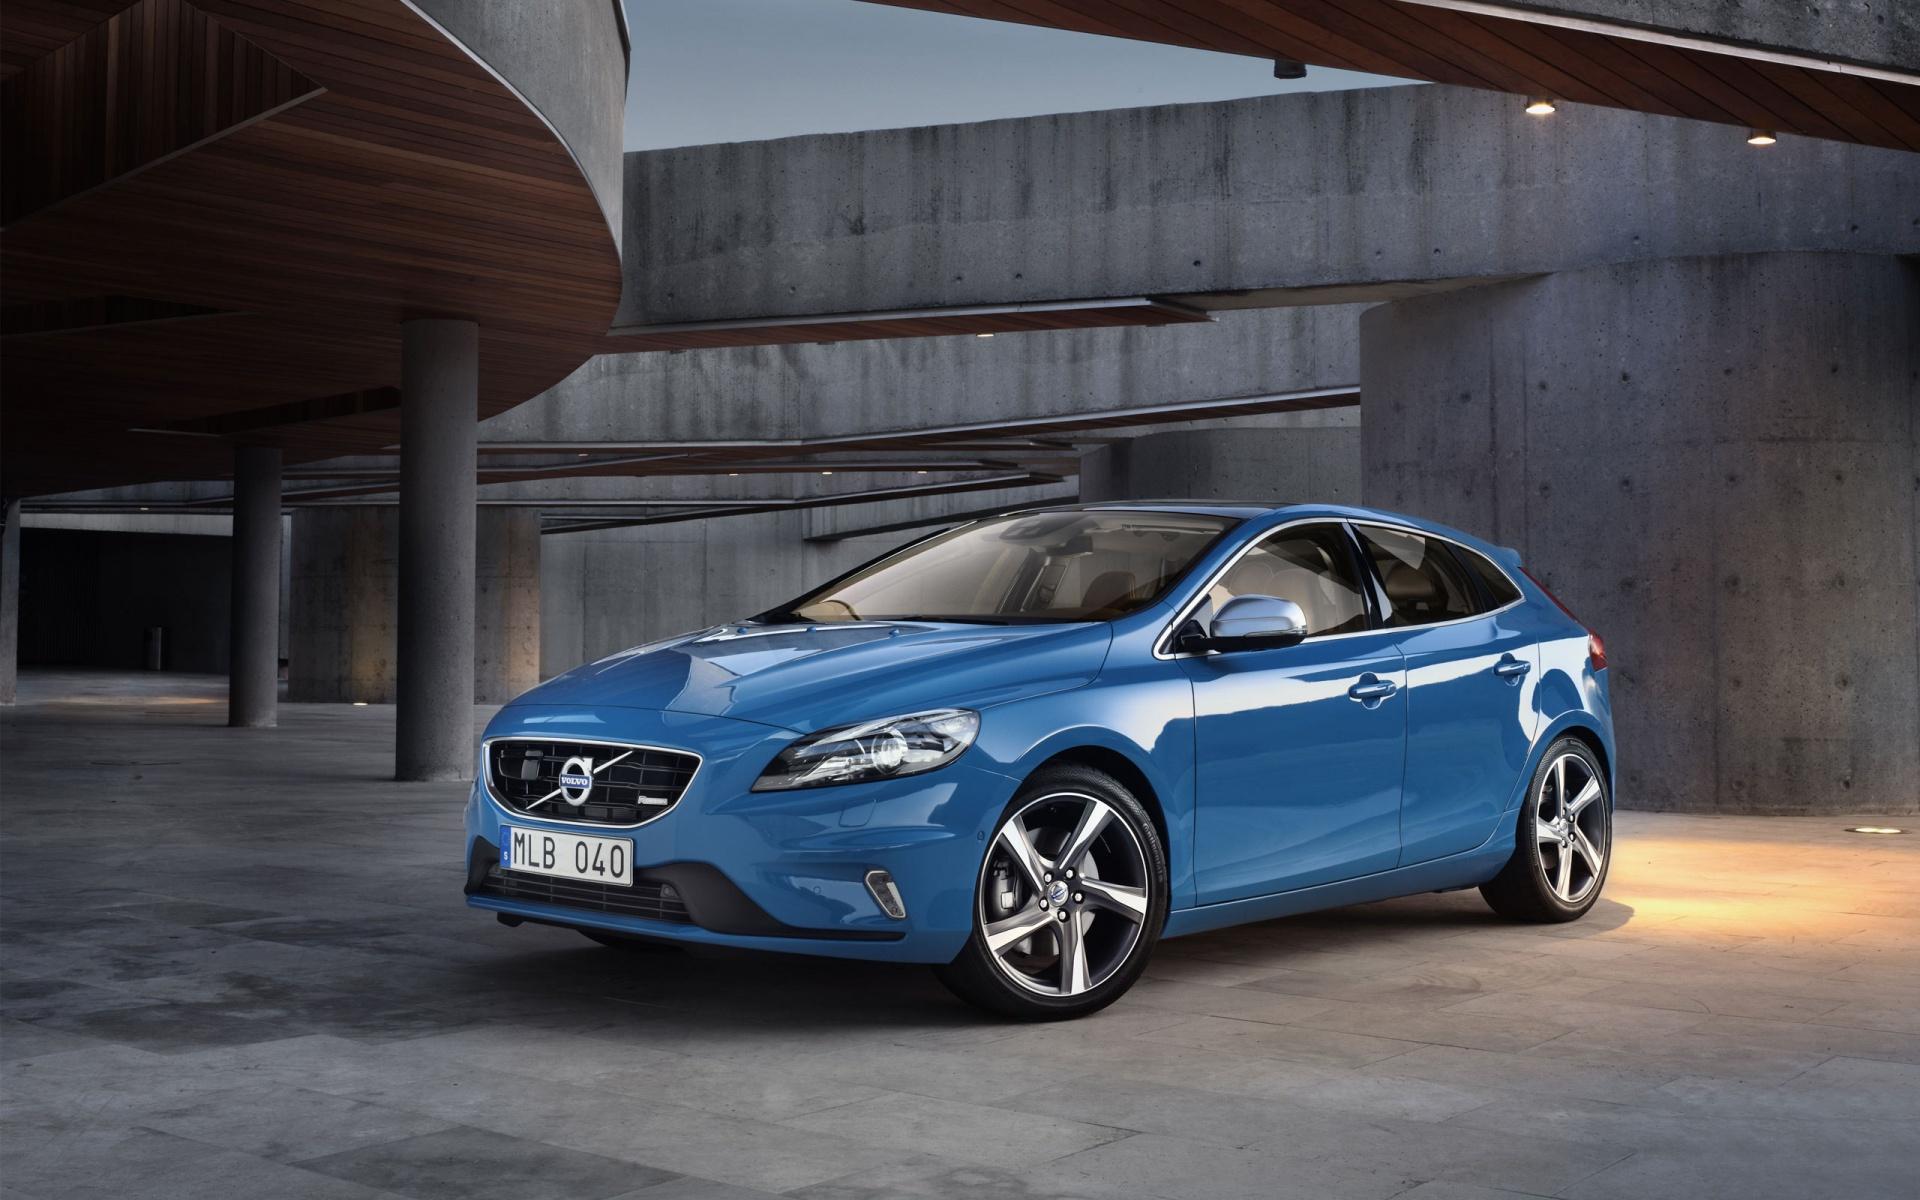 Blue Unique Sports Car HD Wallpaper